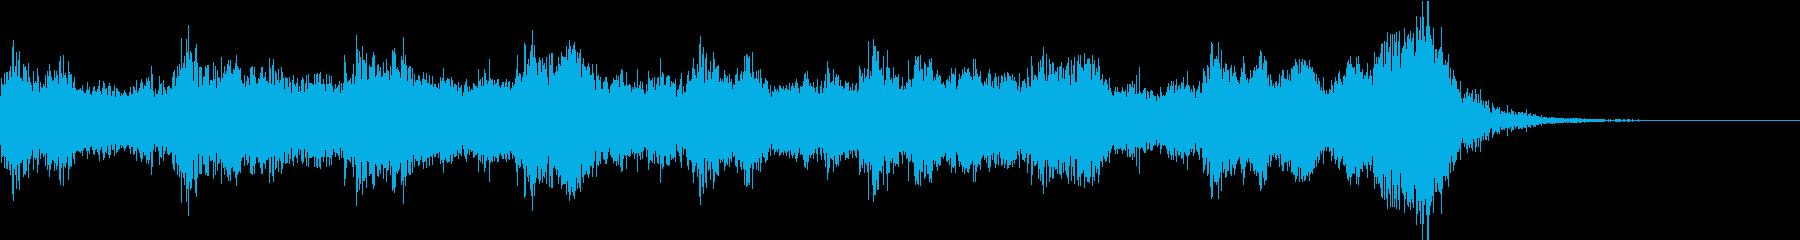 緊迫感 オーケストラ3の再生済みの波形